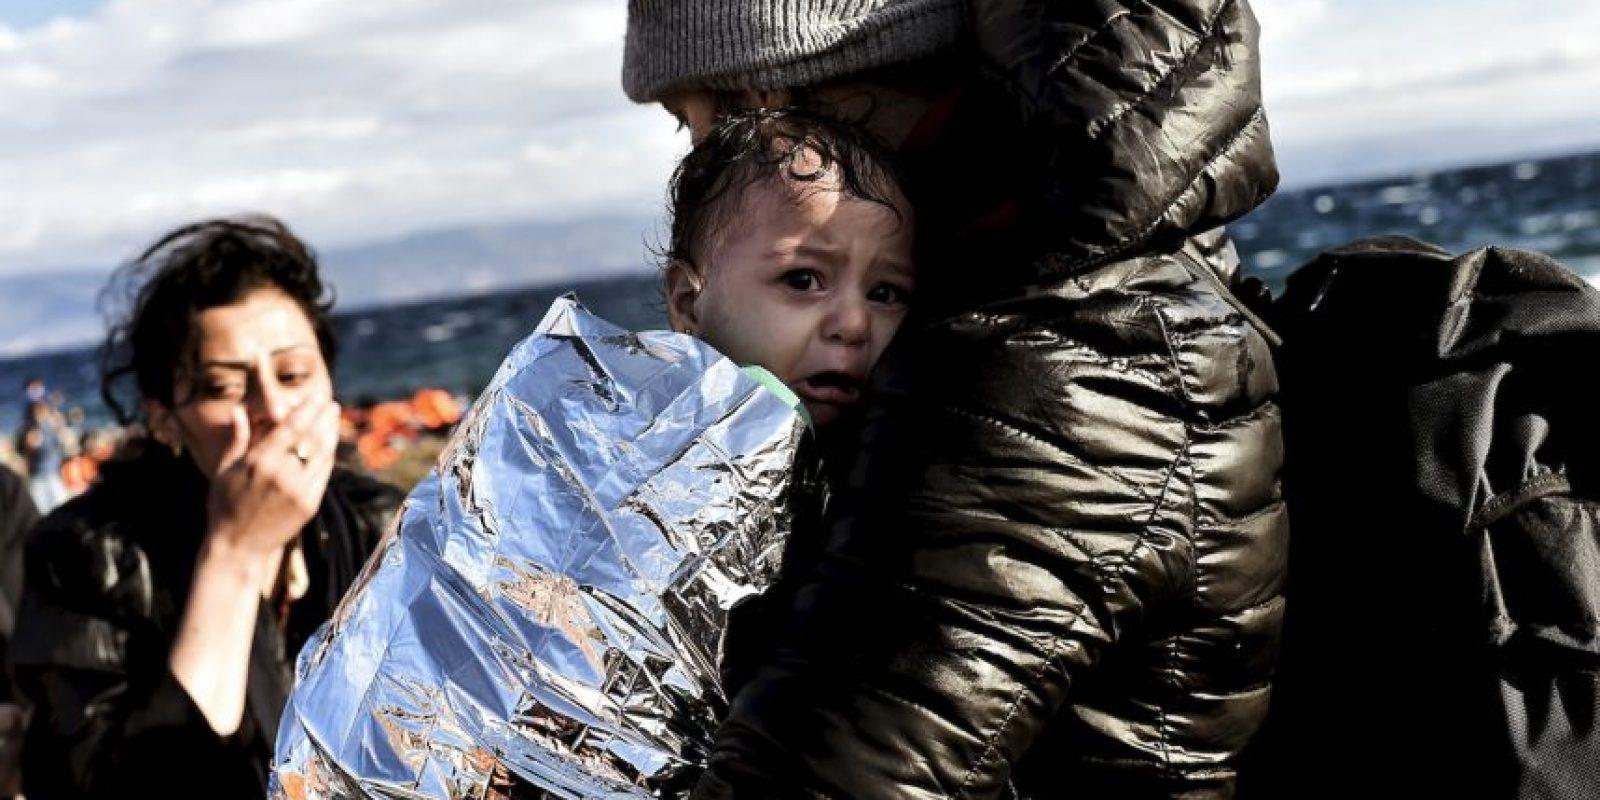 Refugiados y migrantes a su llegada a la isla griega Lesbos. Foto:AFP